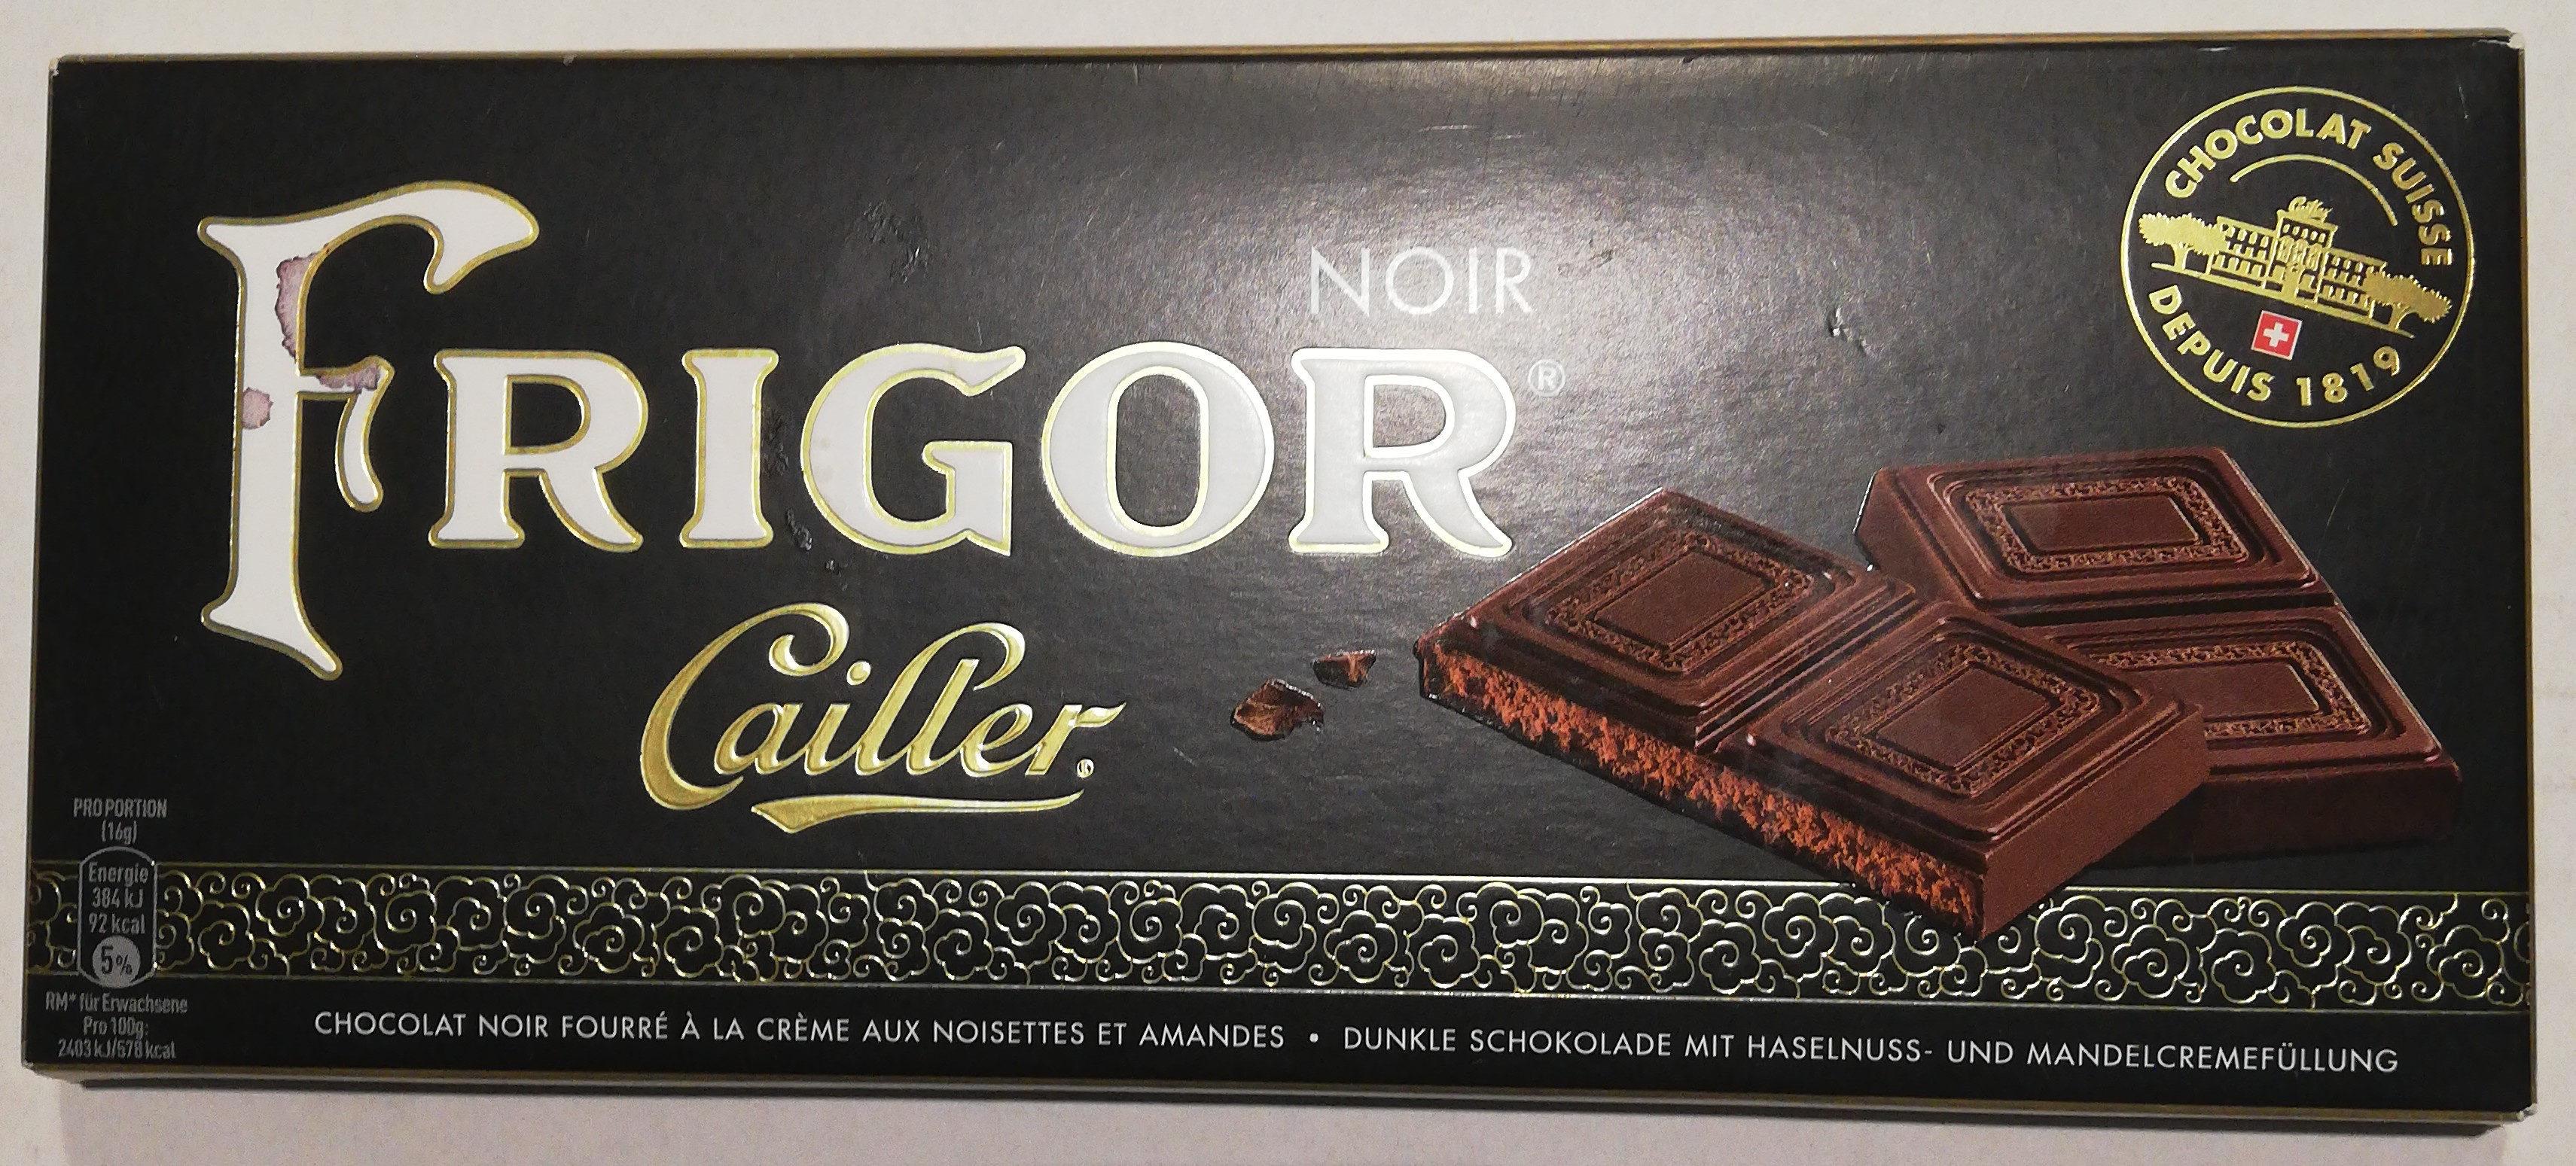 Of Switzerland FRIGOR NOIR CHOCOLAT NOIR FIN FOURRÉ À LA CRÈME DE NOISETTES ET D'AMANDES - Prodotto - fr